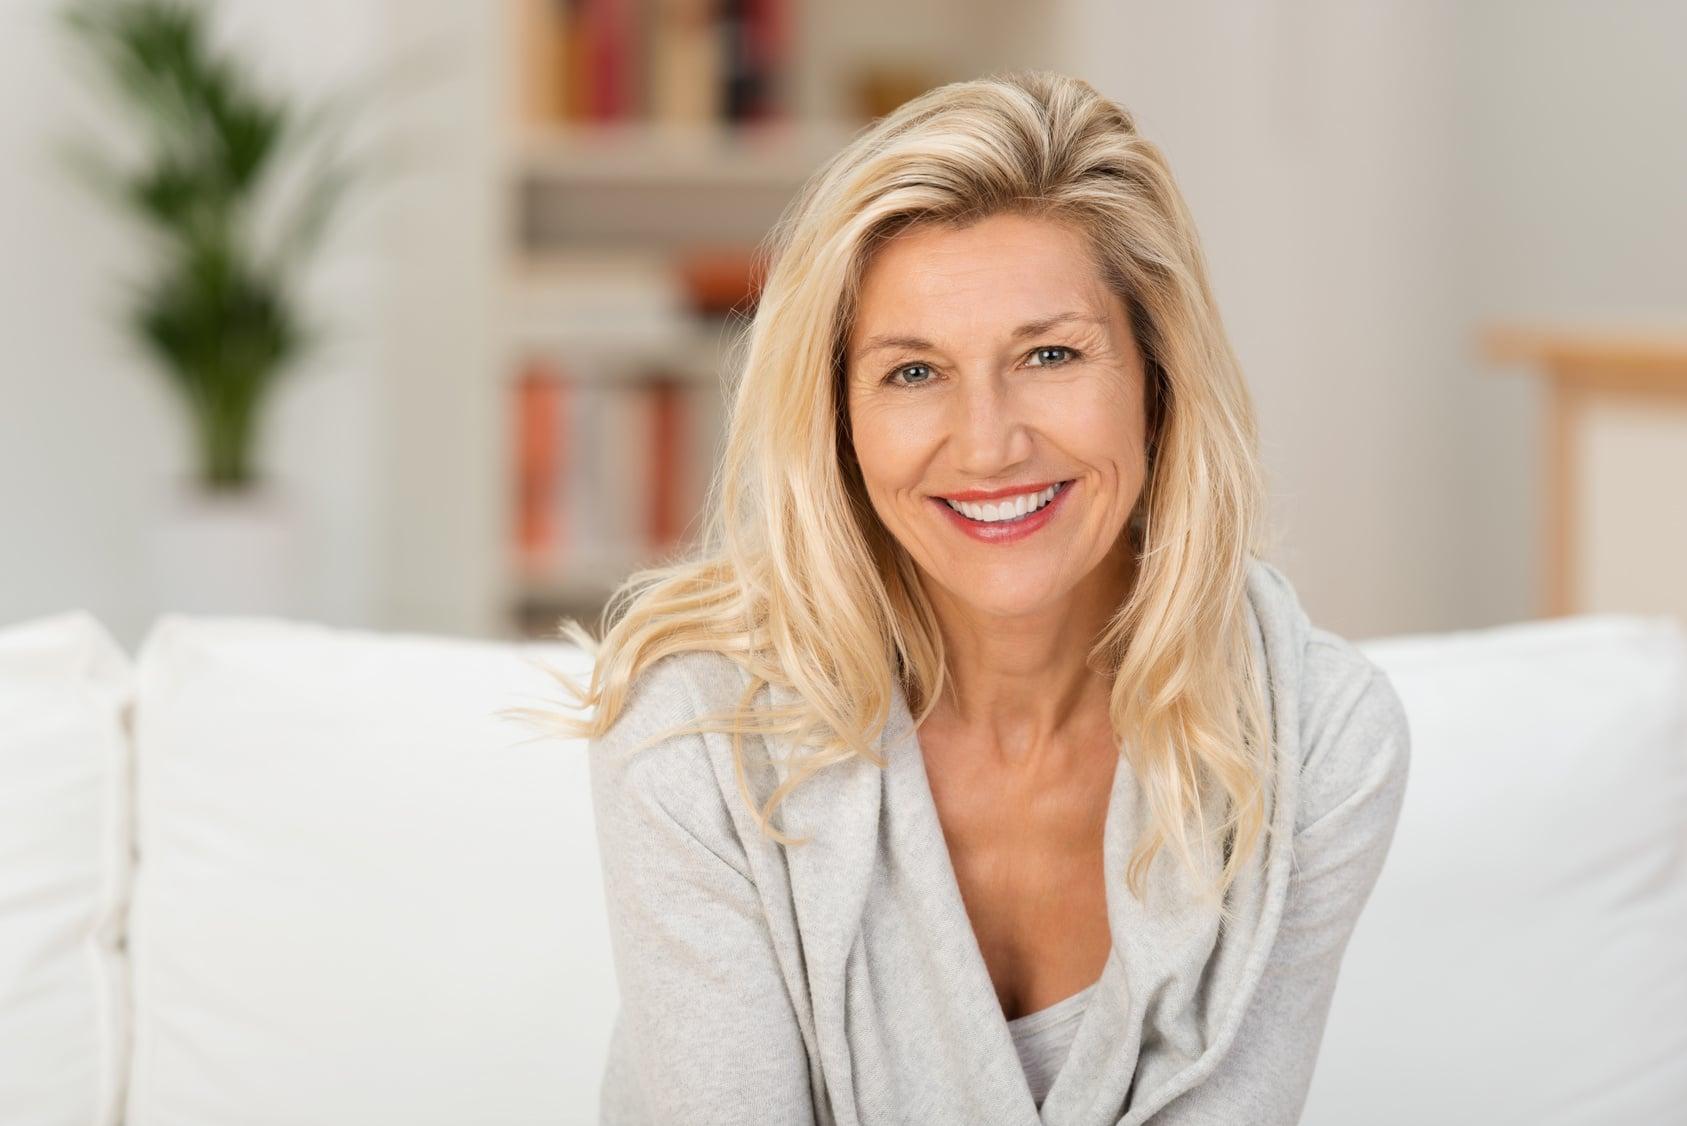 Eine ältere Frau ungefähr 50 Jahre mit langen blonden Haaren lächelt zufrieden und beugt sich leicht nach vorn zur Kamera hin. Mit ihrer Mimik strahlt sie gute Balance und gutes, stabiles Selbstbewusstsein aus. Sie sitzt auf einem weissen Sofa welches in einem Wohnzimmer steht. Im Hintergrund ist ein Bücherregal mit orangenen Büchern zu sehen und links daneben steht eine große grüne Zimmerpflanze.